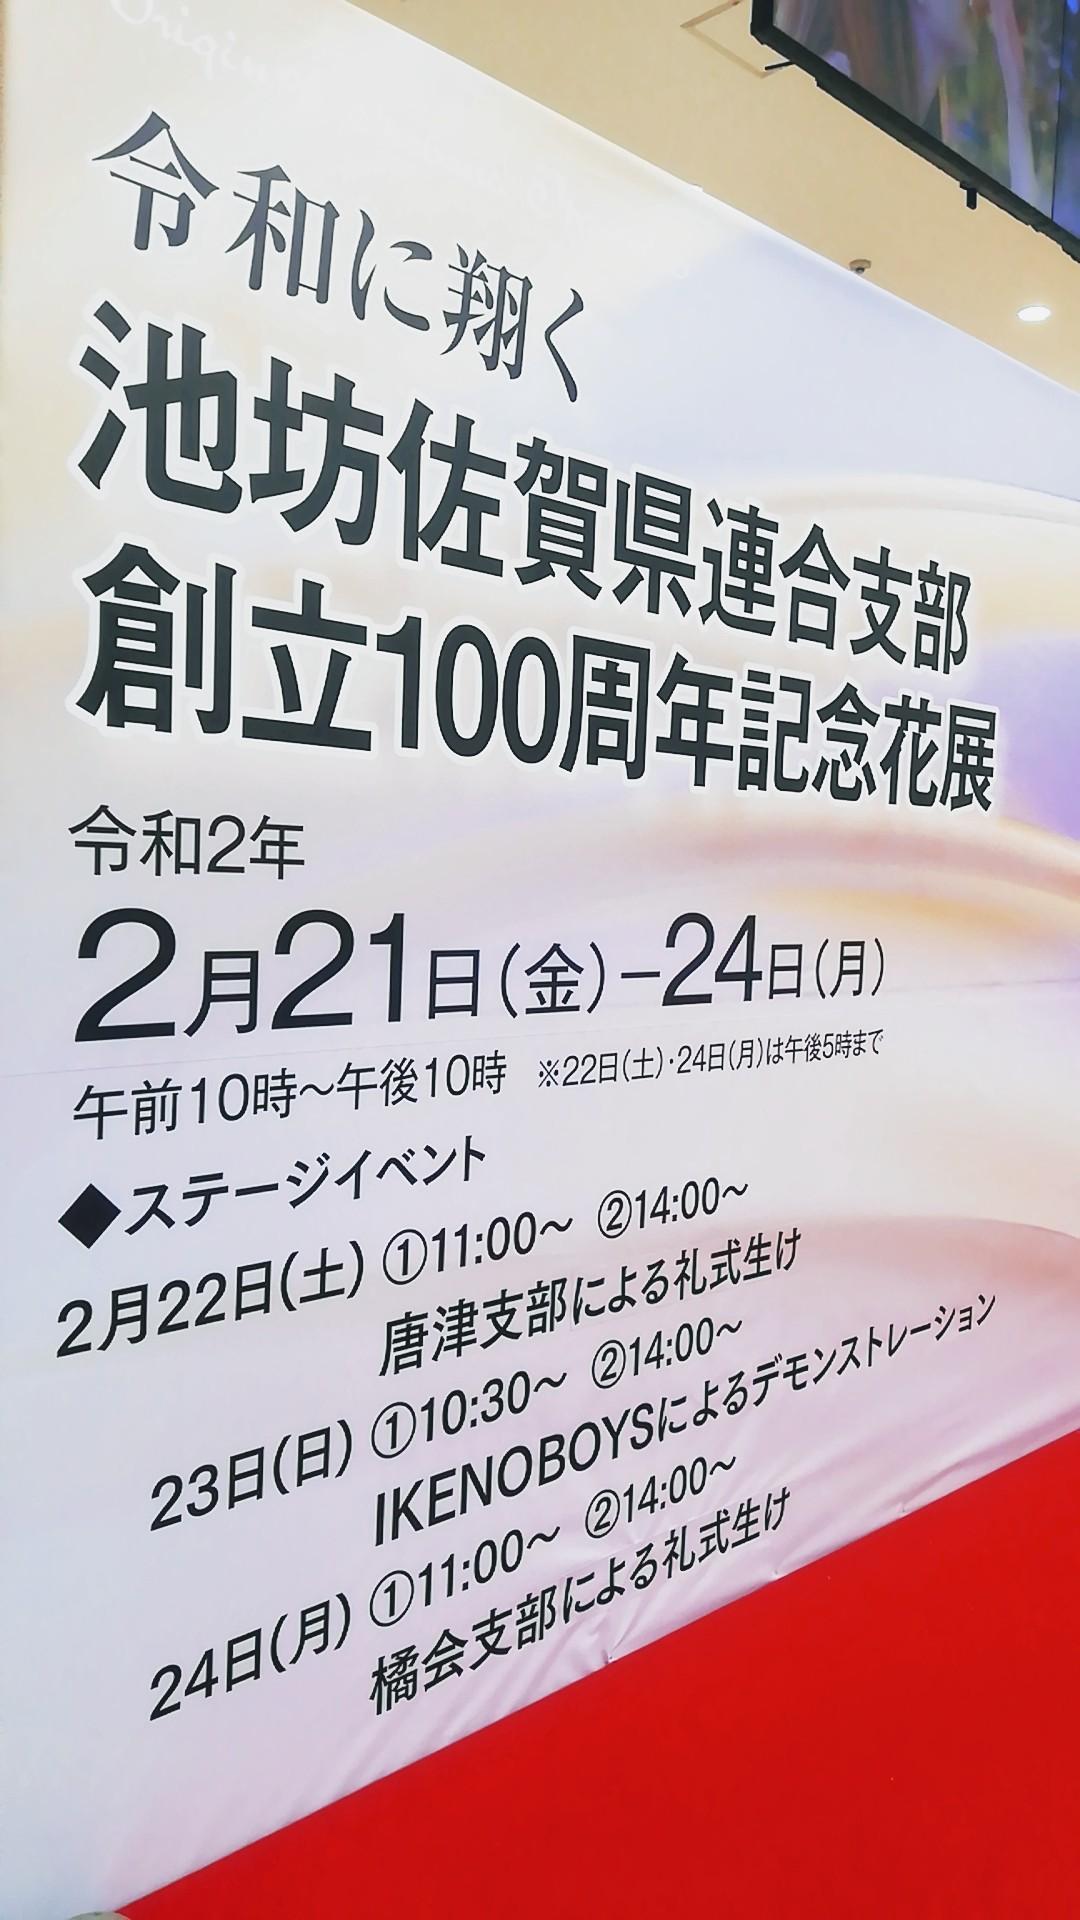 ゆめタウン佐賀開催の池坊展へ_d0195183_20131744.jpg